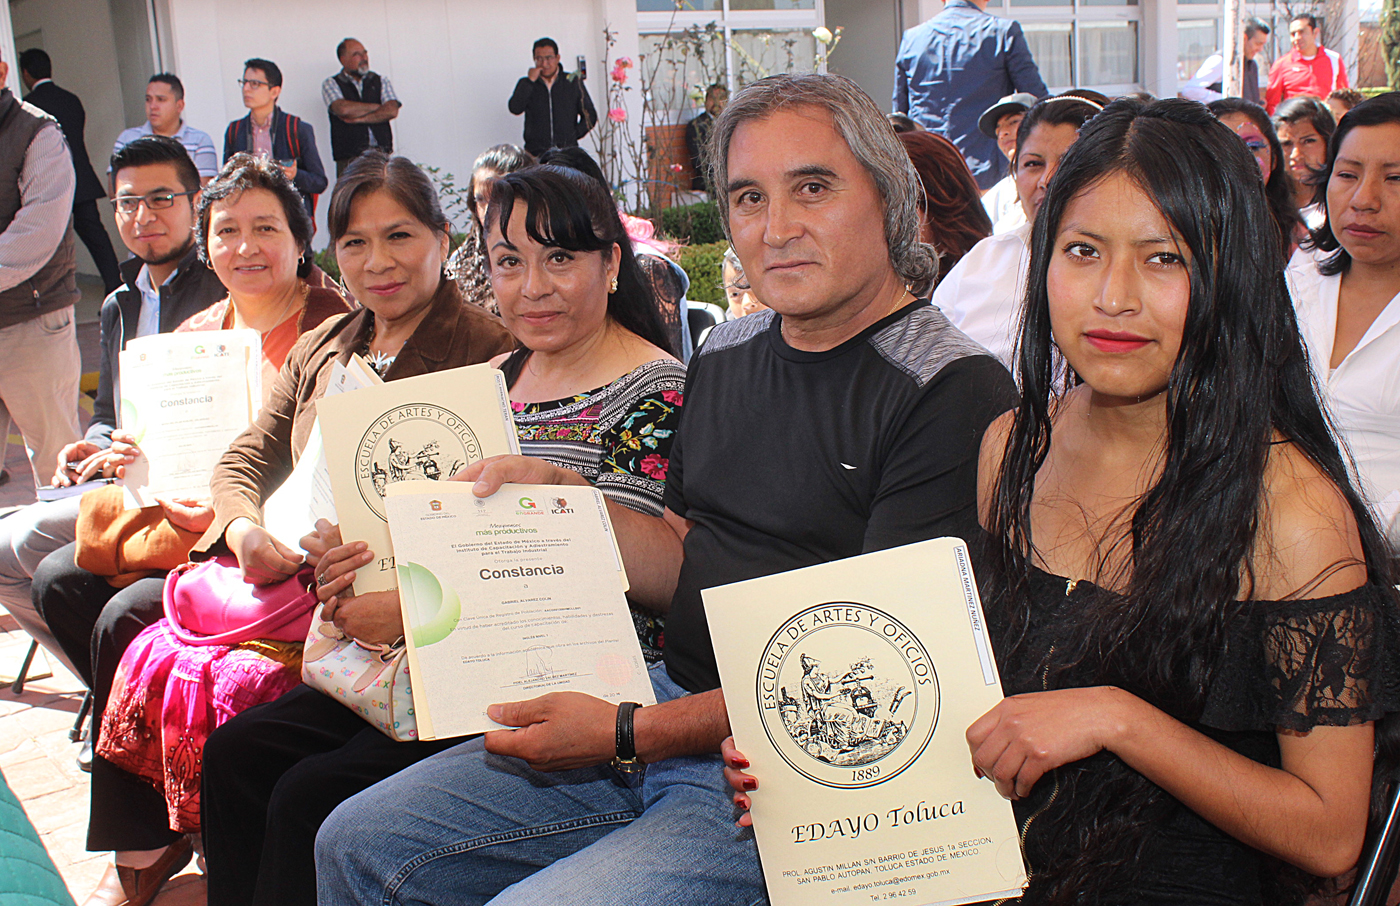 Cientos de jóvenes becados se profesionalizan en EDAYO Toluca